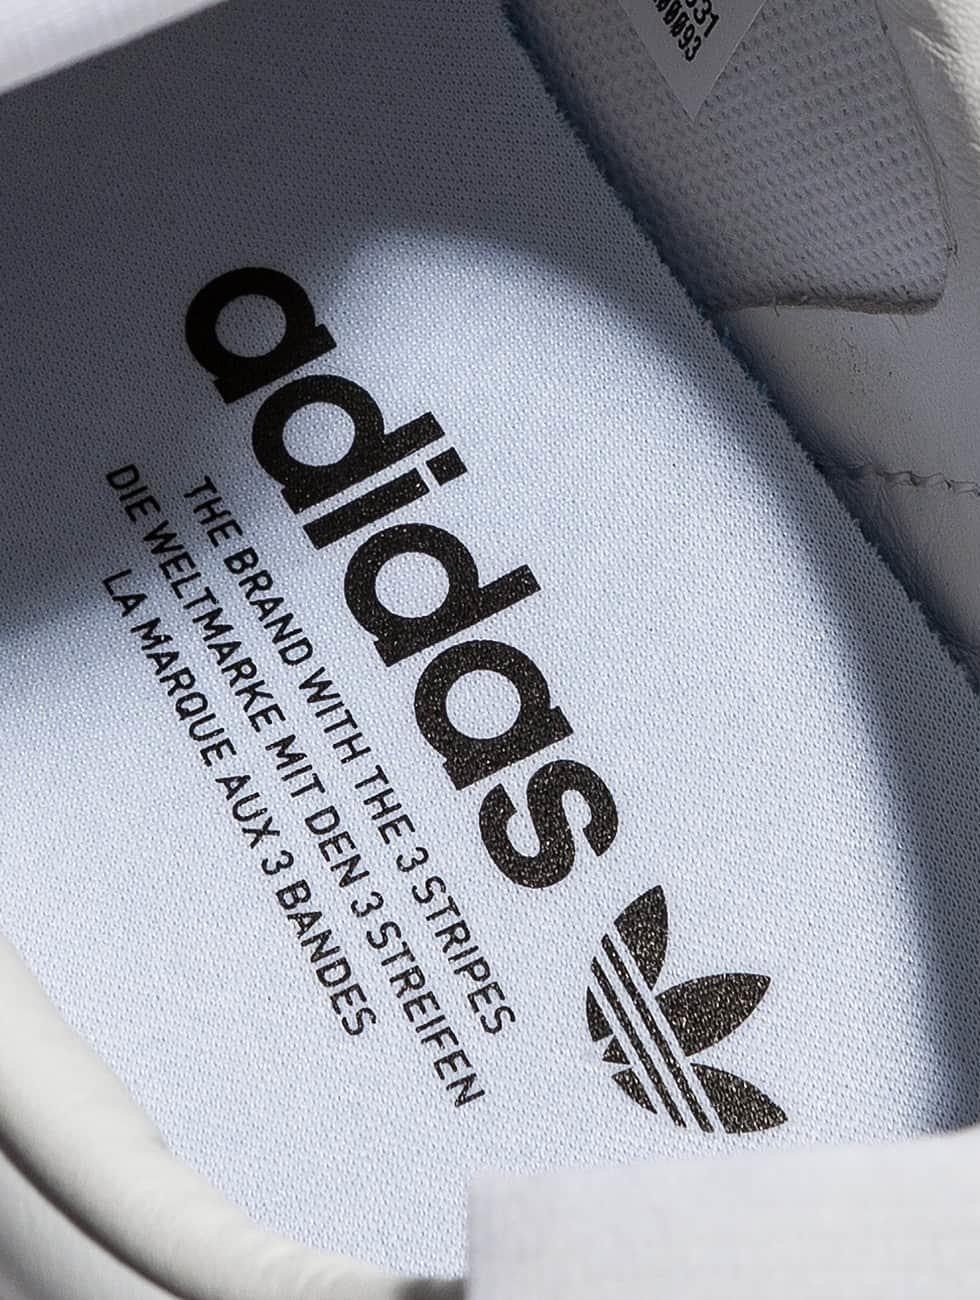 Adidas Originals Schoen / Sneaker Superstar Bw35 S In Ingegno 370.021 P4kTgKg